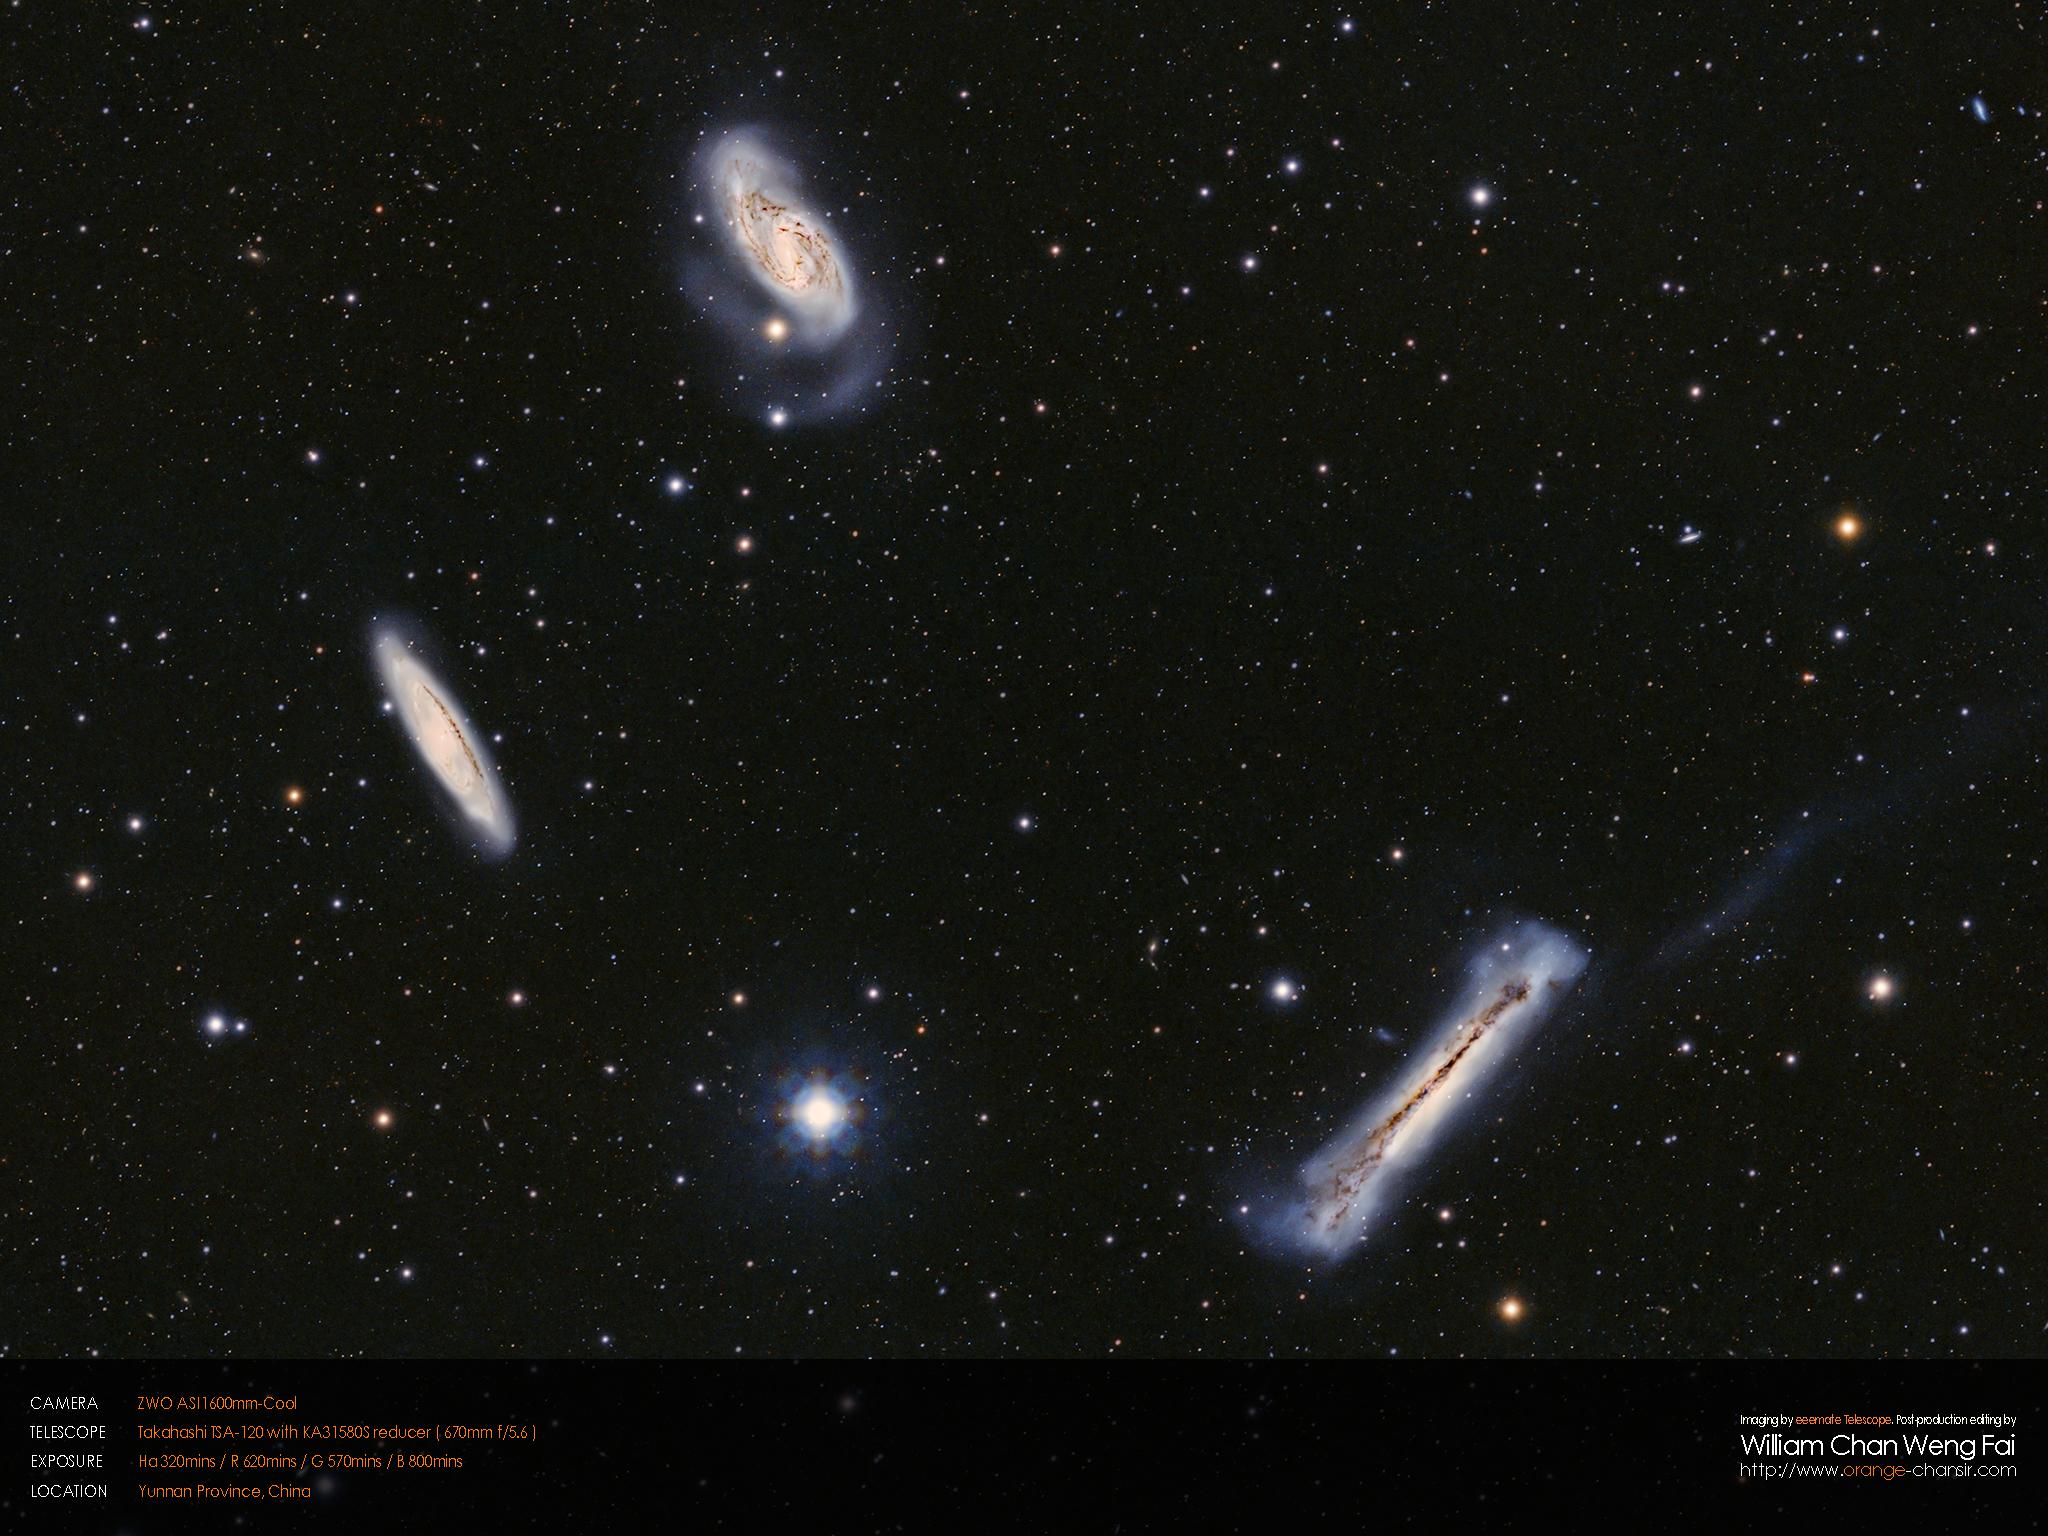 獅子座三重星系( M65 、 M66 、 NGC3628 )